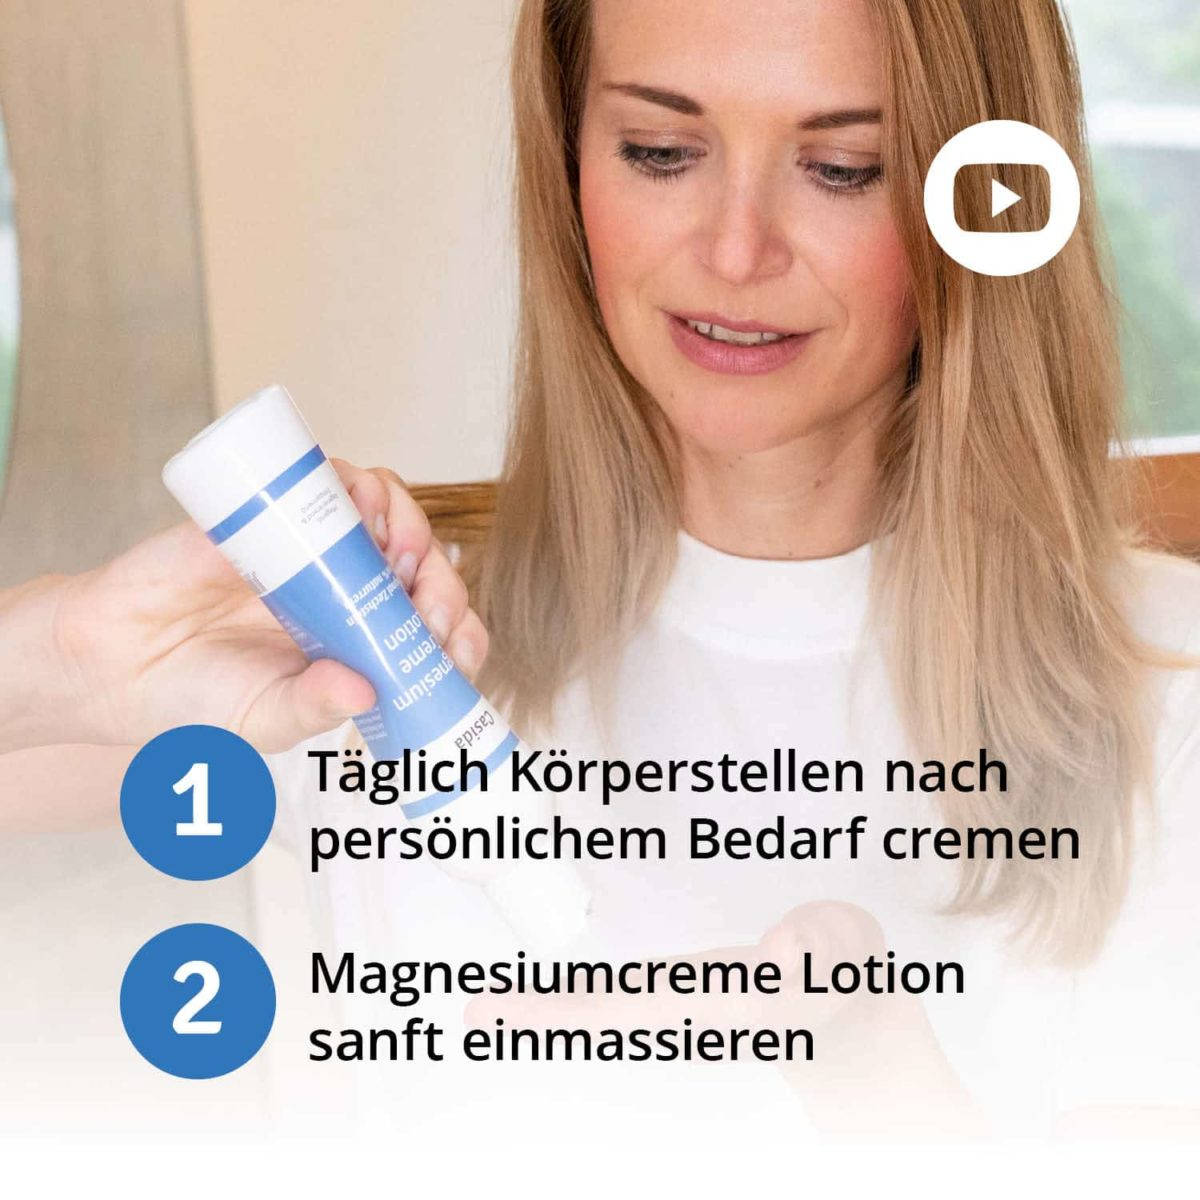 Casida Magnesium Cream Lotion 200 ml 12902245 PZN Apotheke Regenerierende Hautpflege Dermatest6